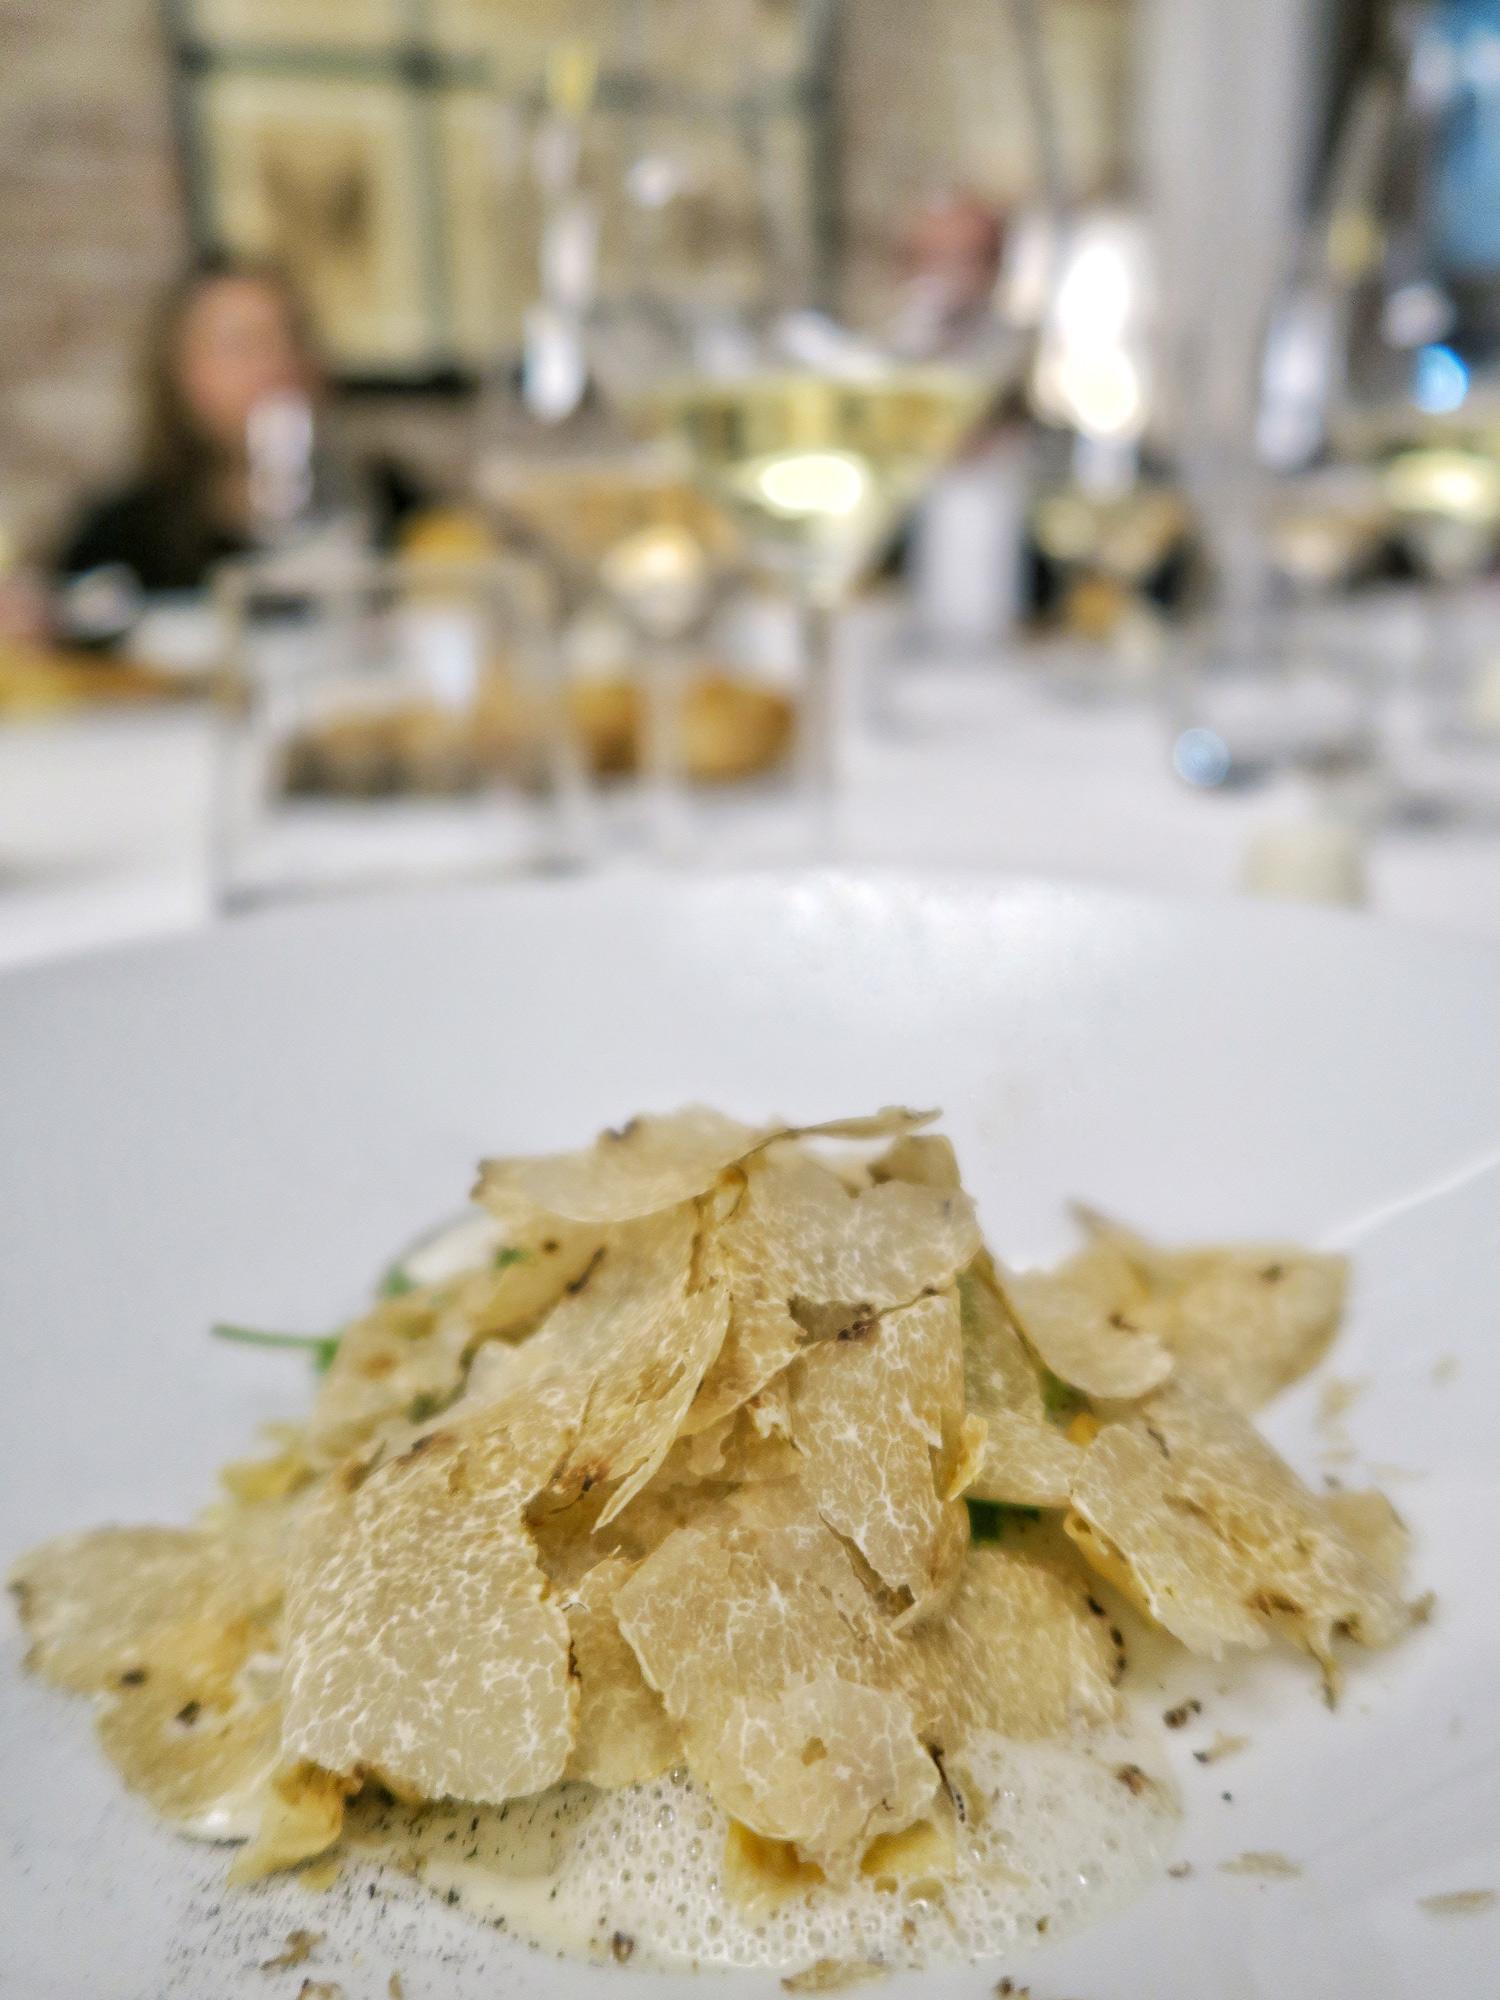 cardo gobbo con tartufo bianco, chef Michelangelo Mammoliti